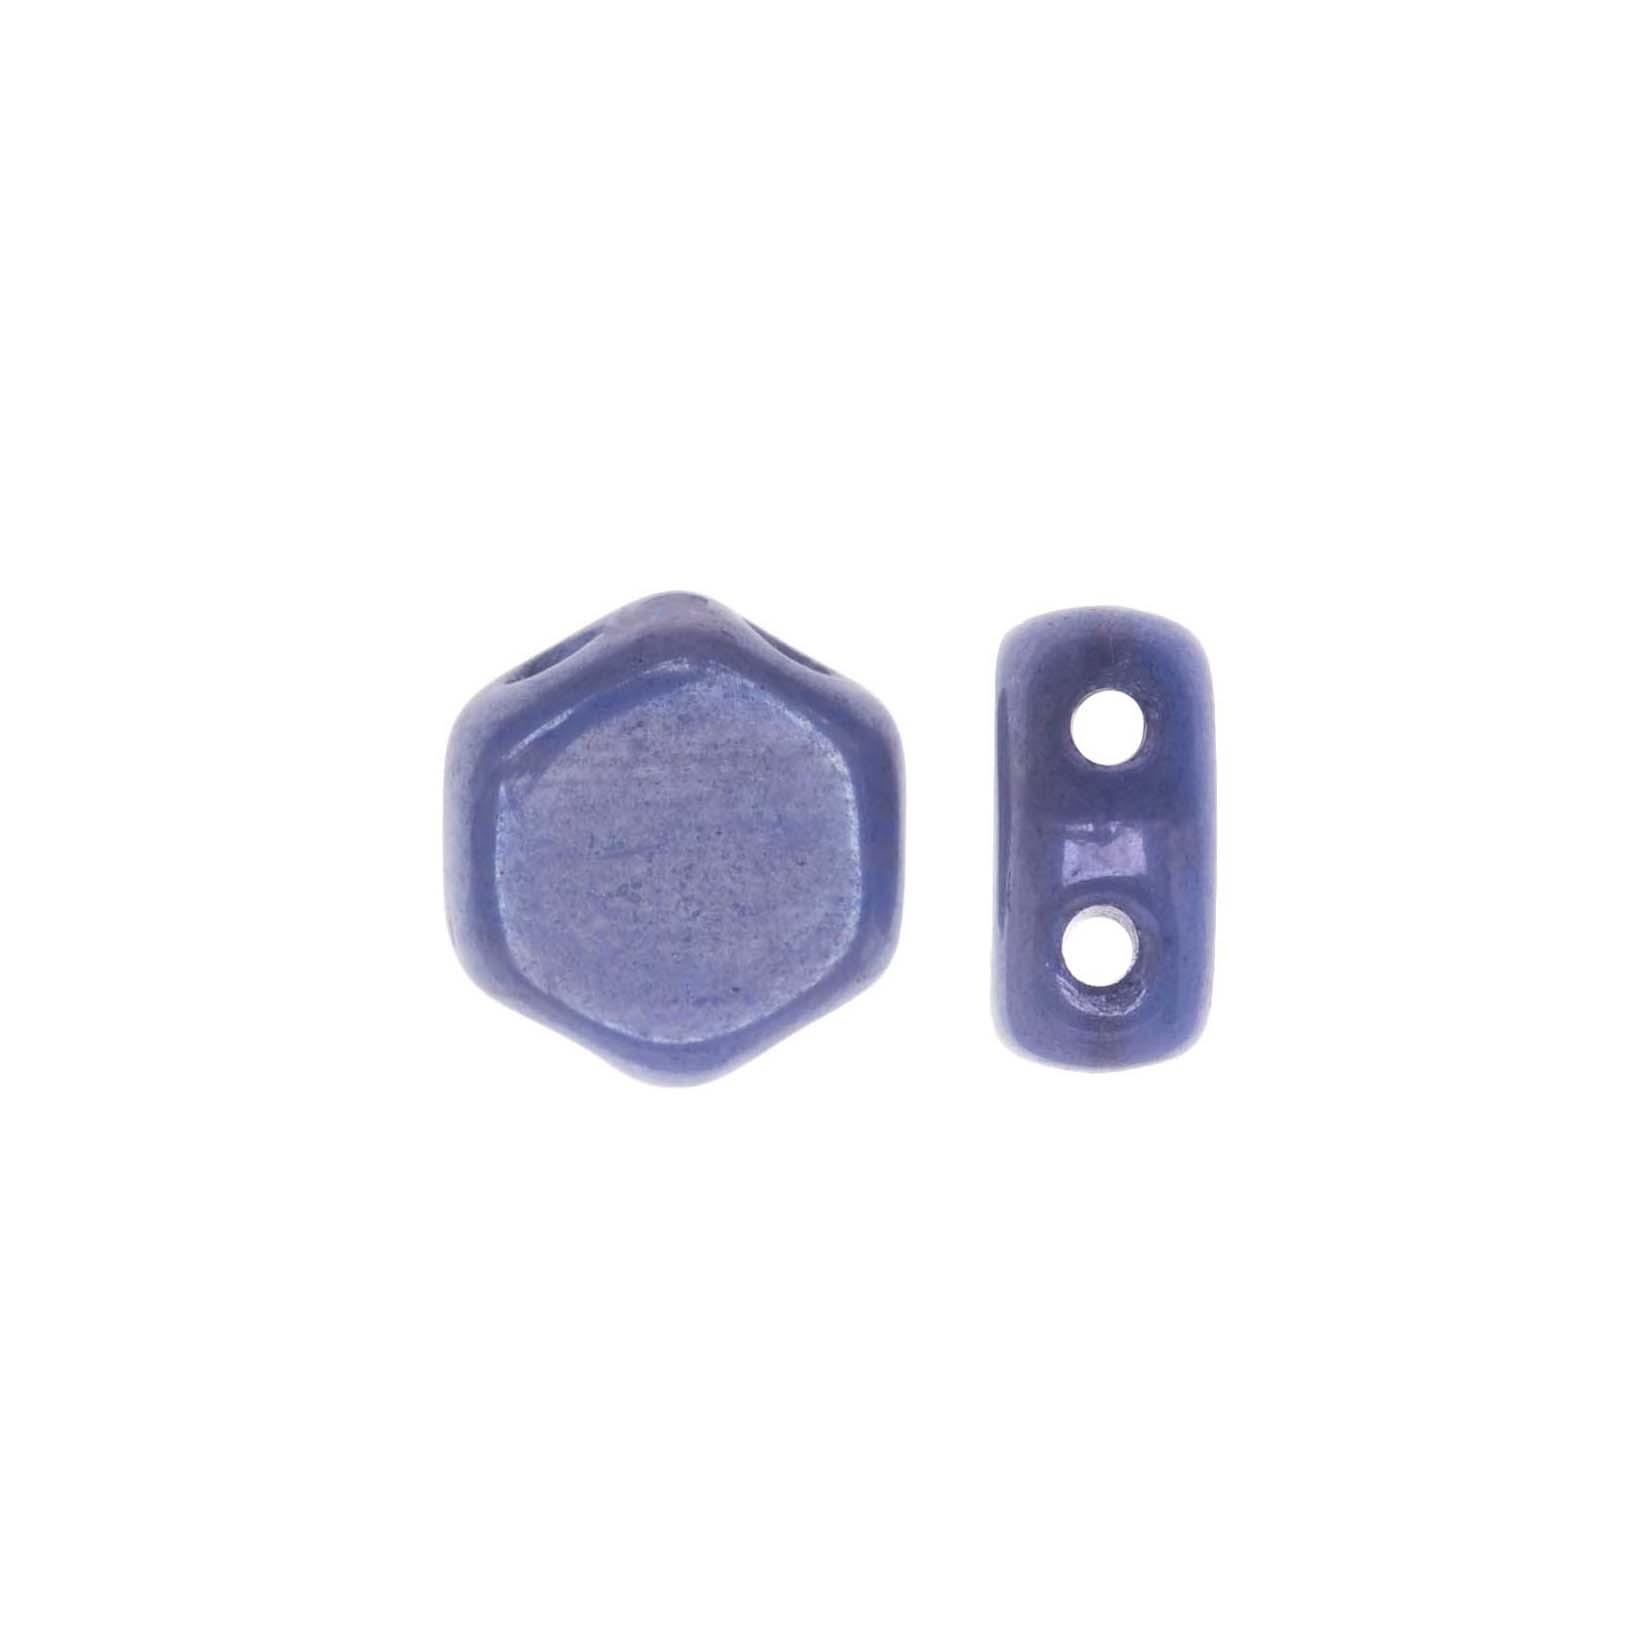 Czech Glass Honeycomb Beads, 2-Hole Hexagon 6mm, 30 Pieces, Hodge Podge Blue Lumi